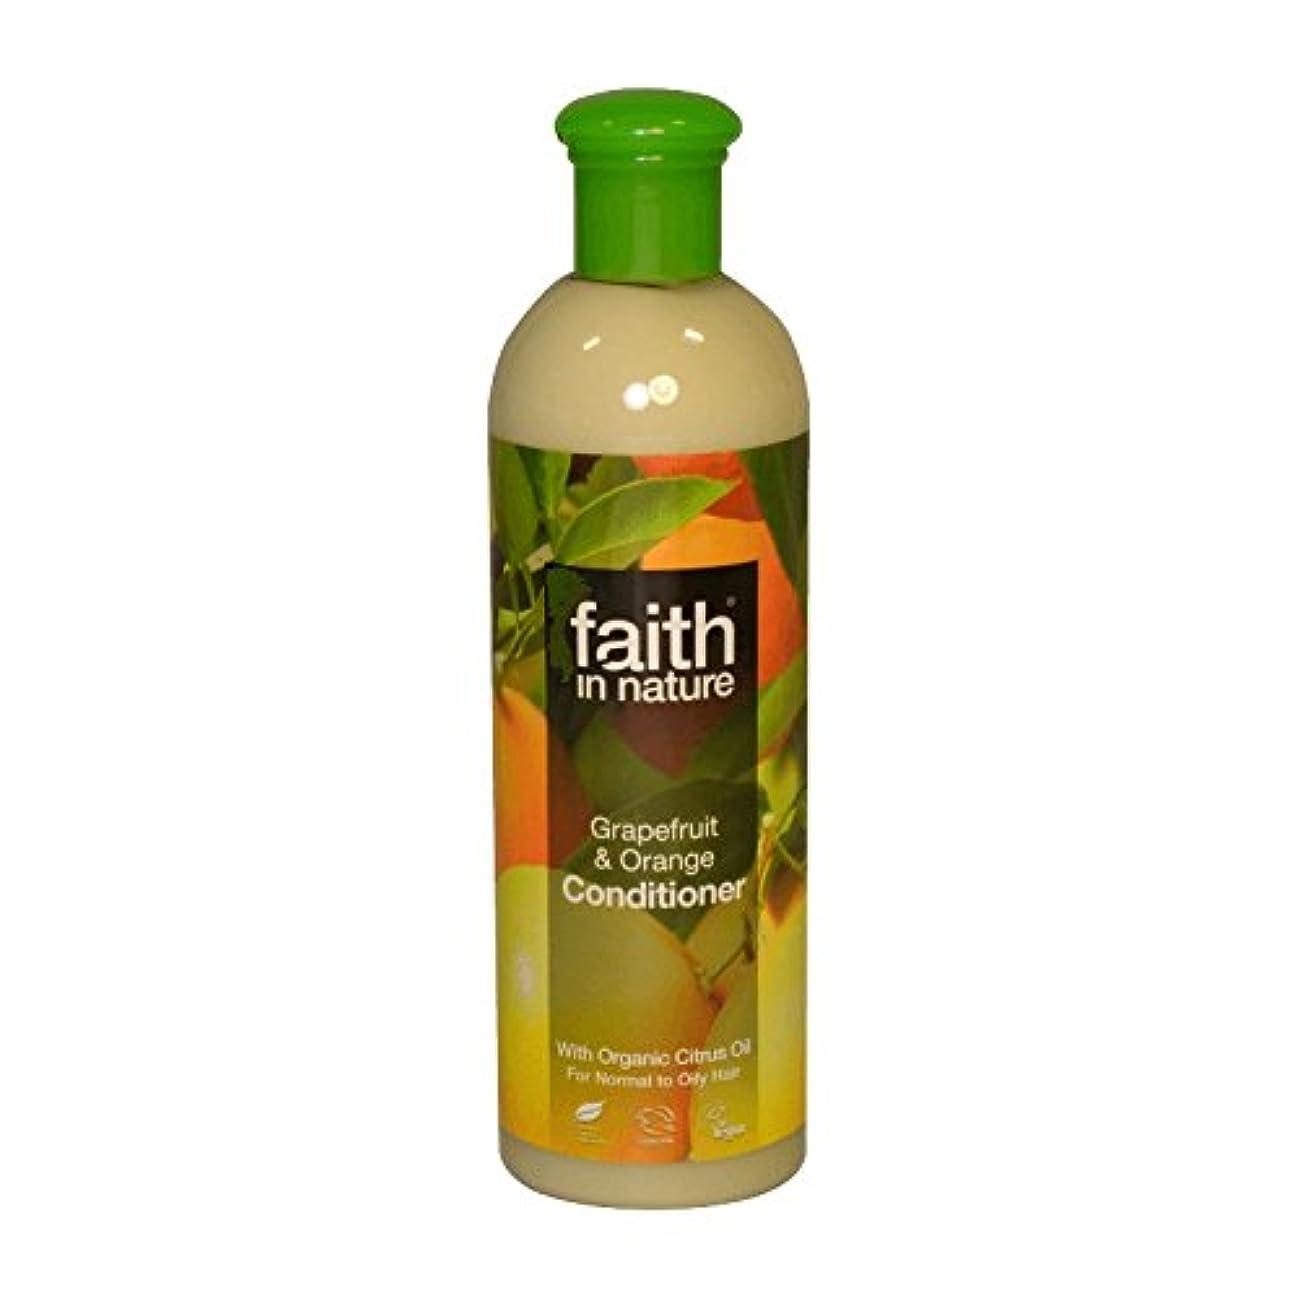 消費する石の安定した自然グレープフルーツ&オレンジコンディショナー400ミリリットルの信仰 - Faith in Nature Grapefruit & Orange Conditioner 400ml (Faith in Nature)...